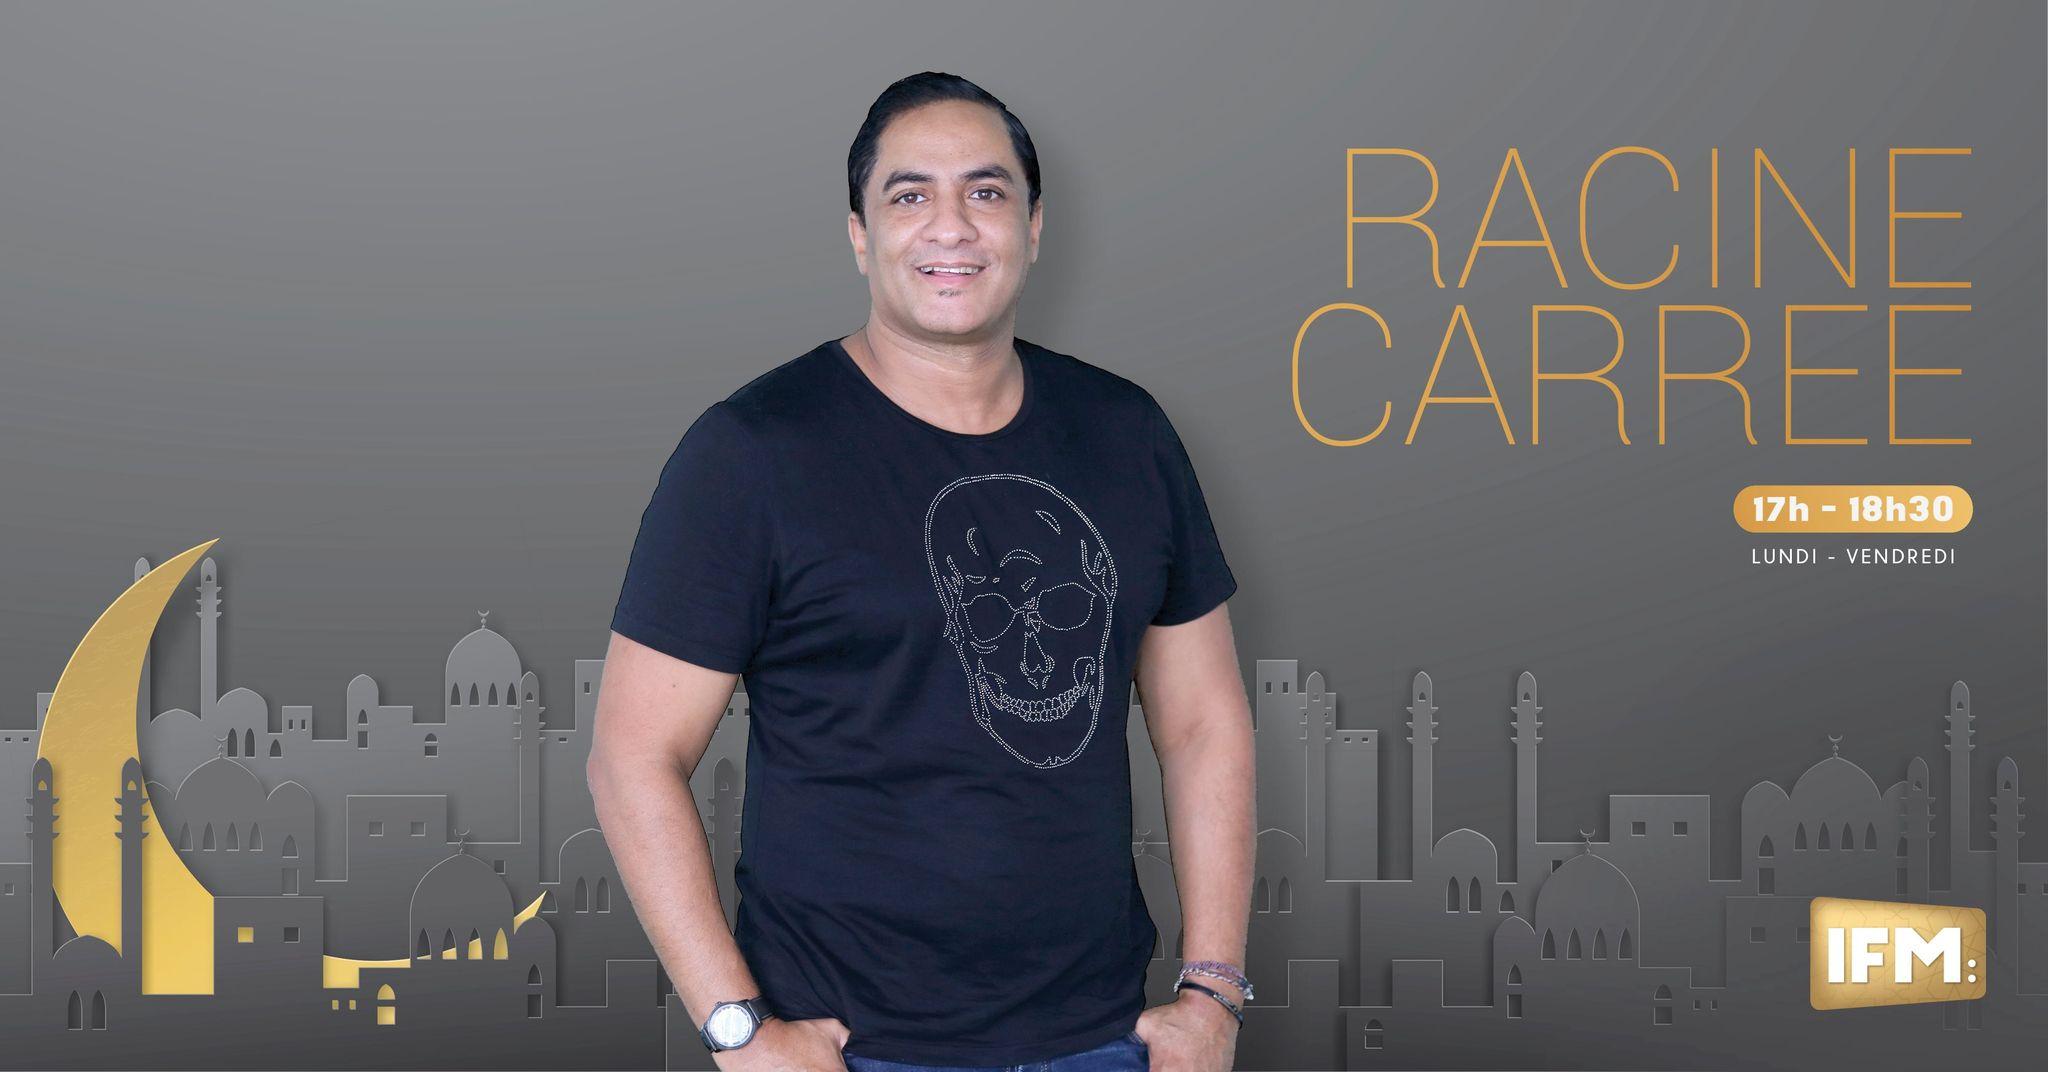 راسين كاري